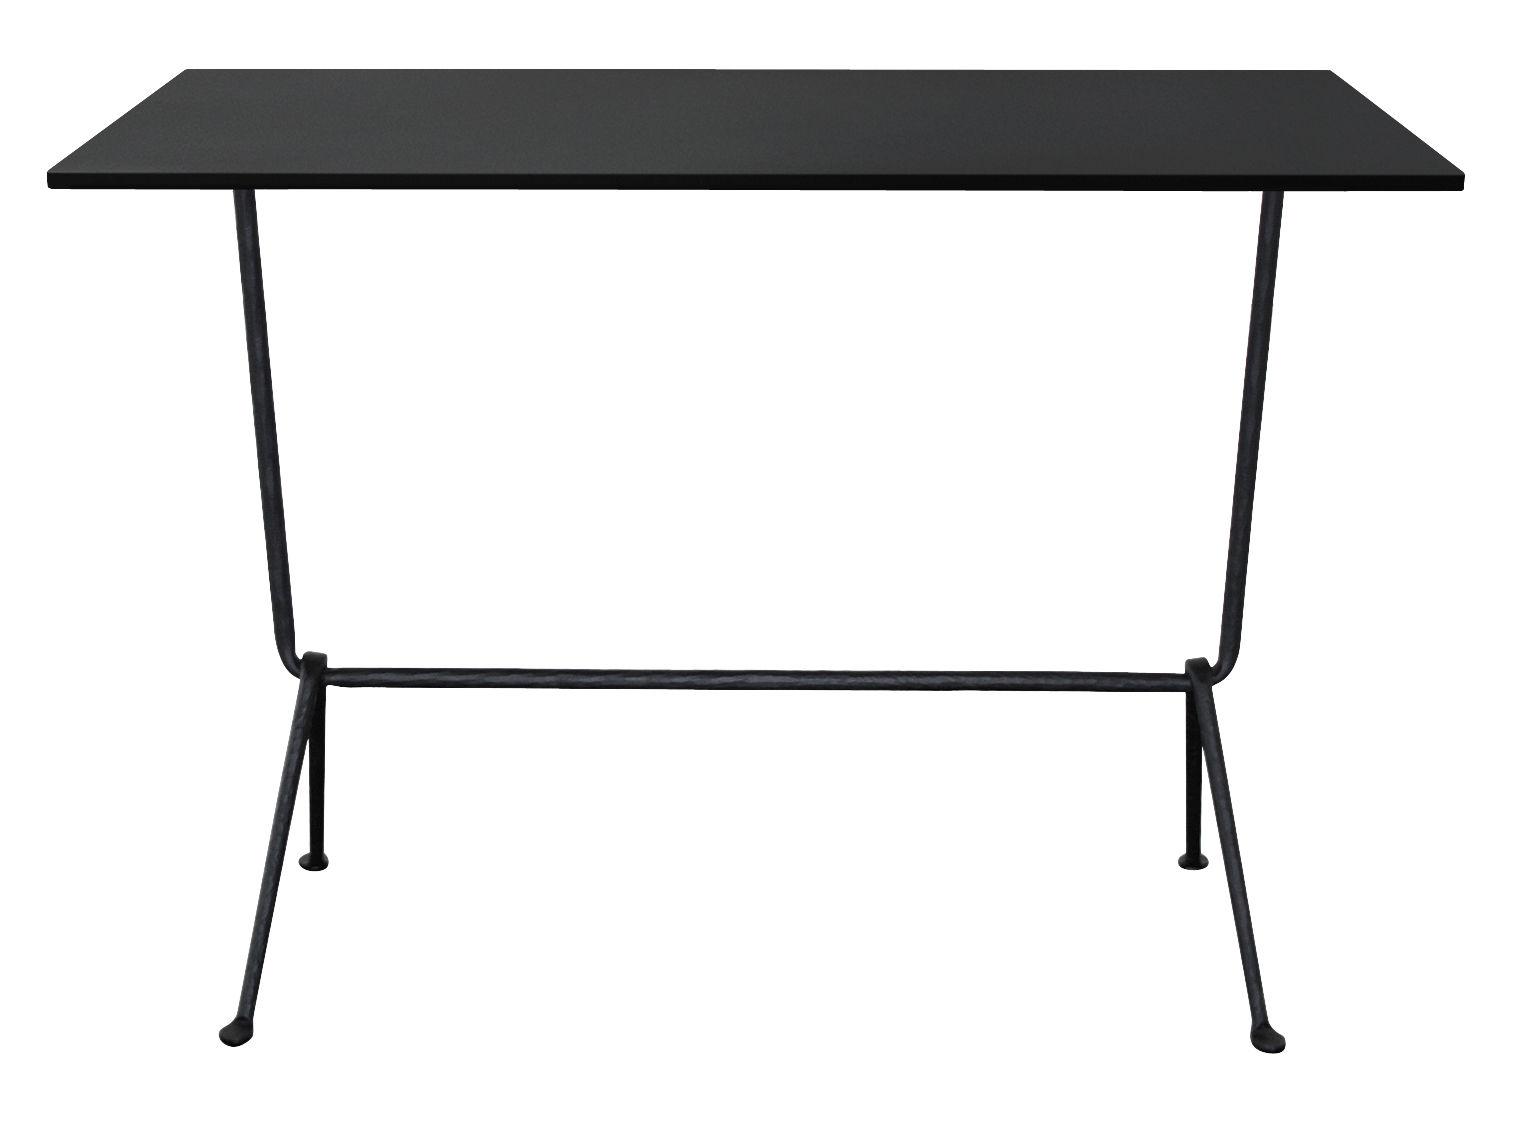 Möbel - Stehtische und Bars - Officina Bistrot Outdoor hoher Tisch / H 110 cm - 120 x 60 cm - Tischplatte Stahl - Magis - Stahl schwarz / Tischbeine schwarz - Eisen, Stahl